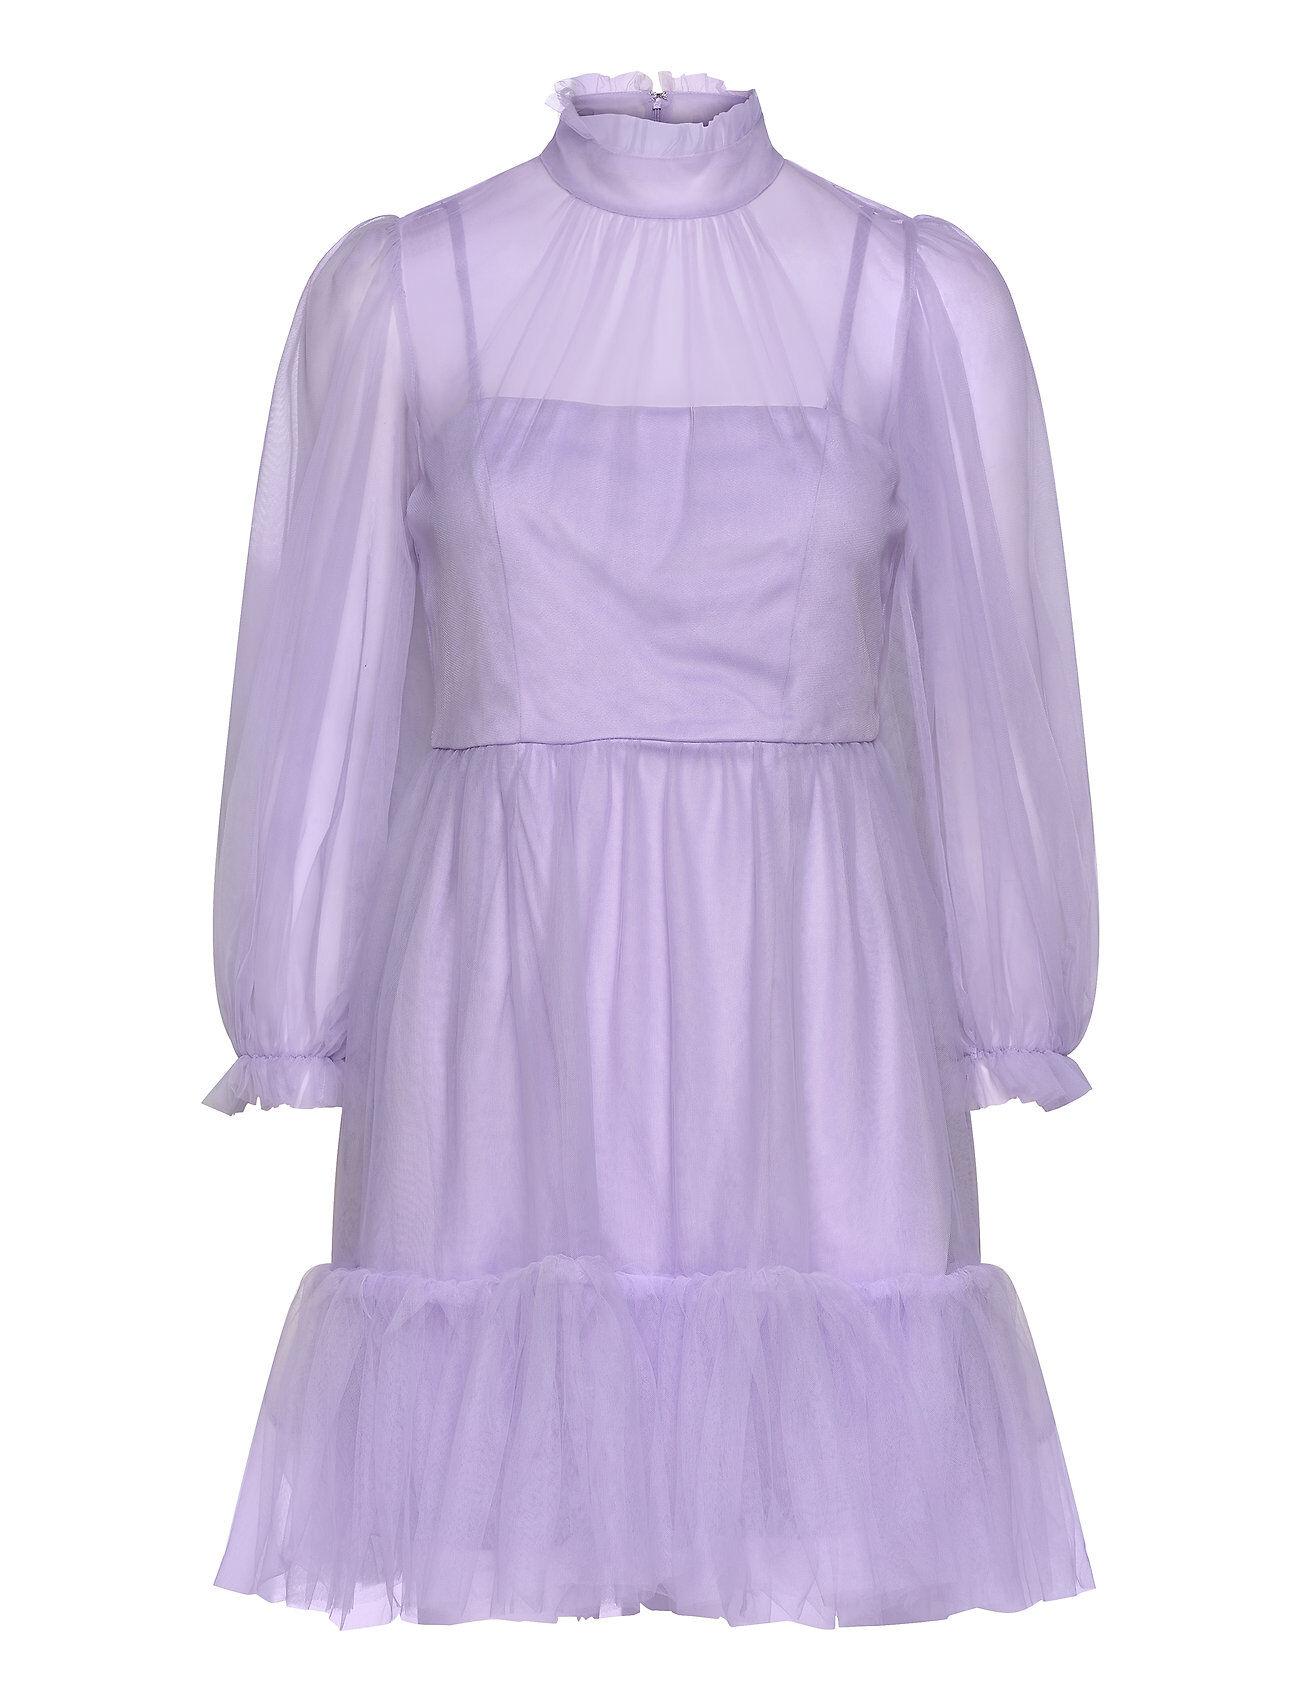 By Malina Melany Mini Dress Lyhyt Mekko Liila By Malina